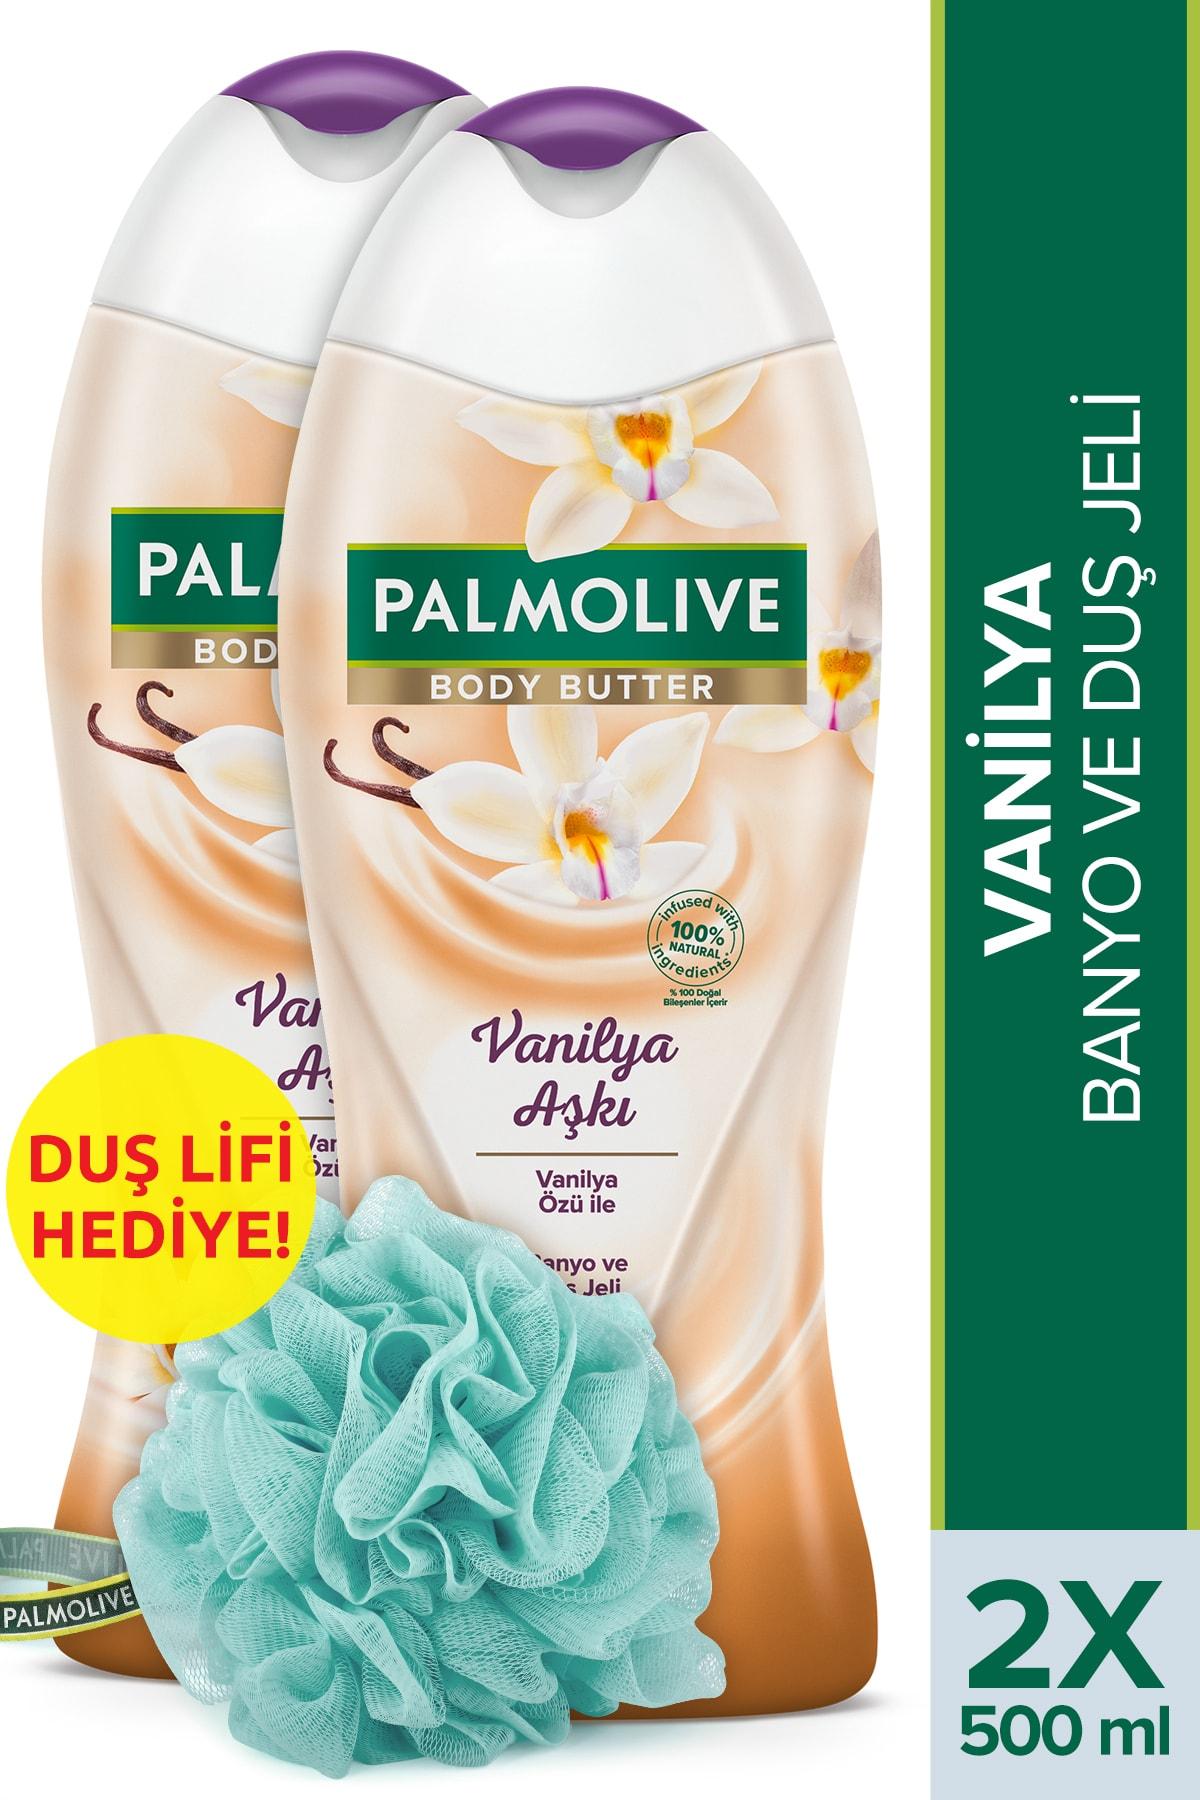 Body Butter Vanilya Aşkı Banyo Ve Duş Jeli 500 ml X 2 Adet Duş Lifi Hediye